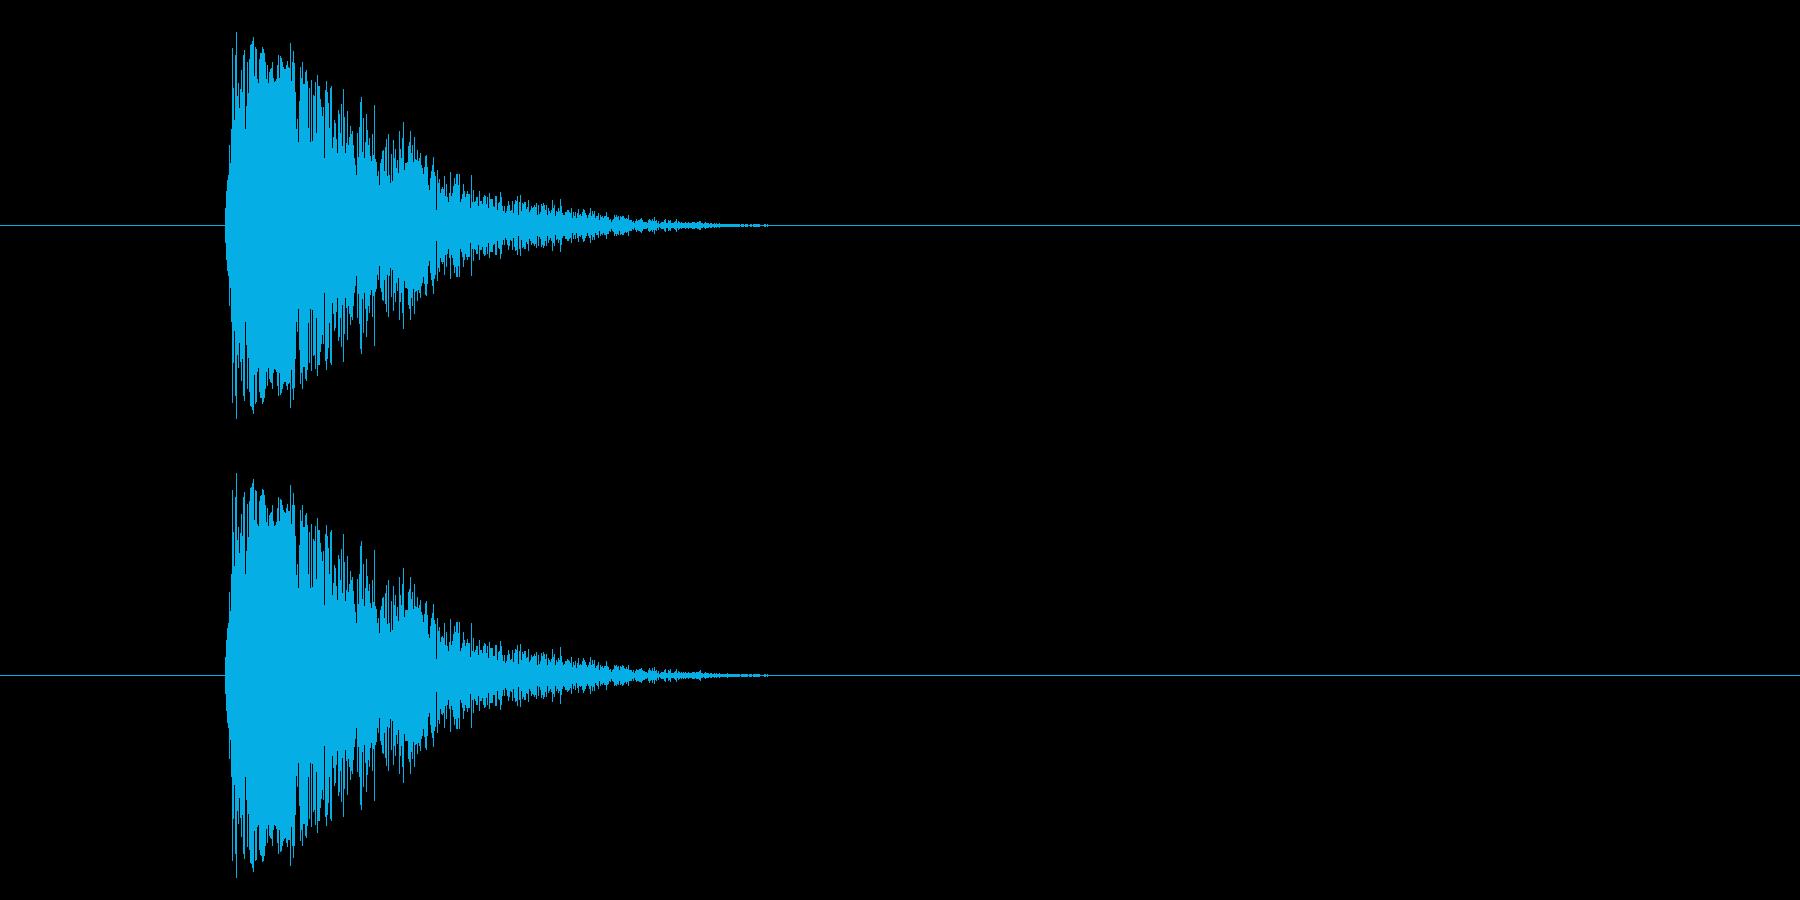 ジャン!懐かしのオケヒその2の再生済みの波形